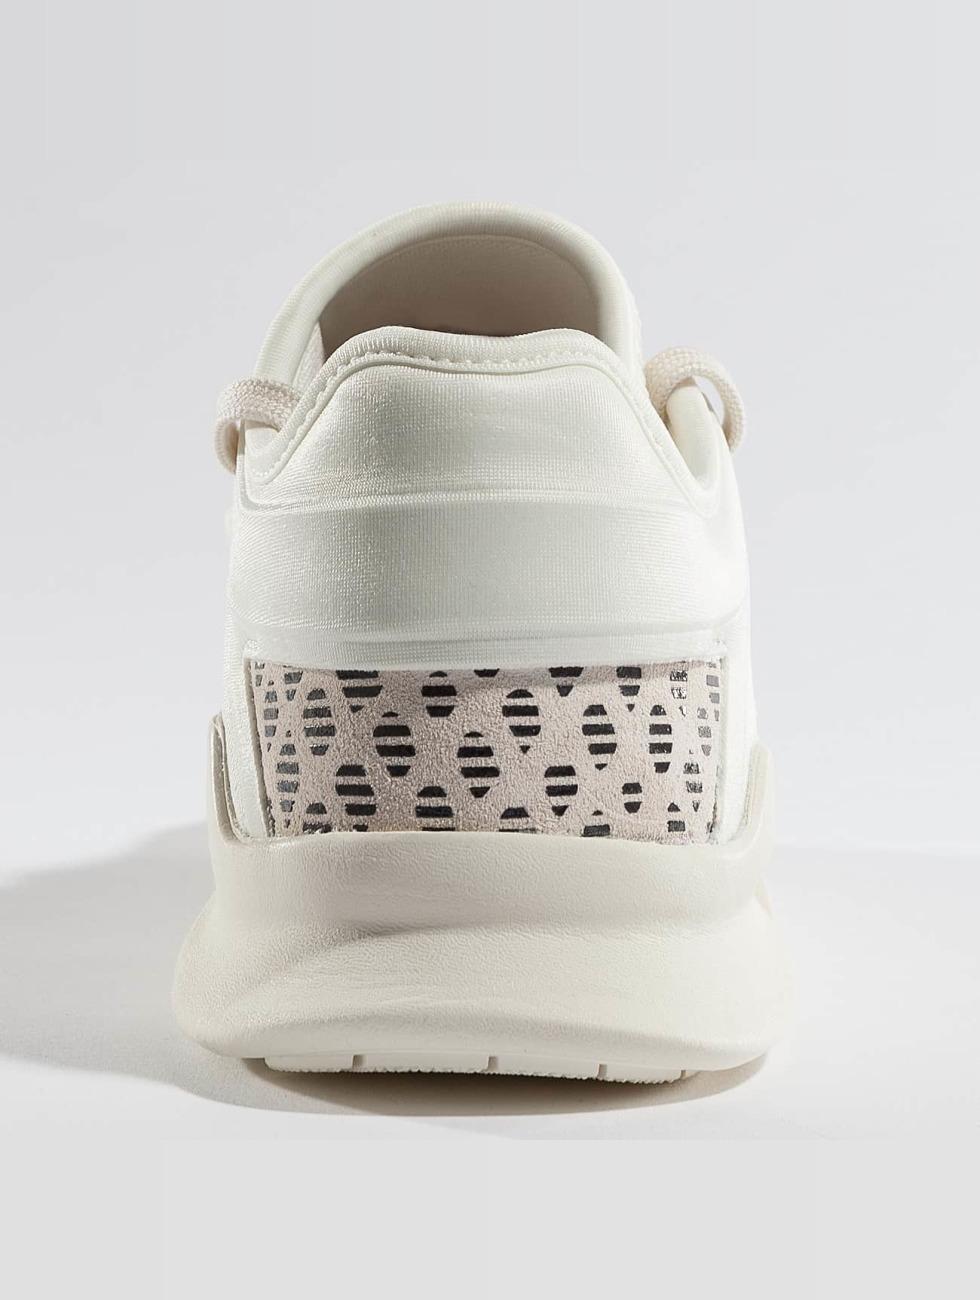 Fake Goedkope Online adidas originals schoen / sneaker EQT Racing ADV in wit 360334 Goede Verkoop Goedkope Online Gratis Verzending Vinden Geweldig PEEbH